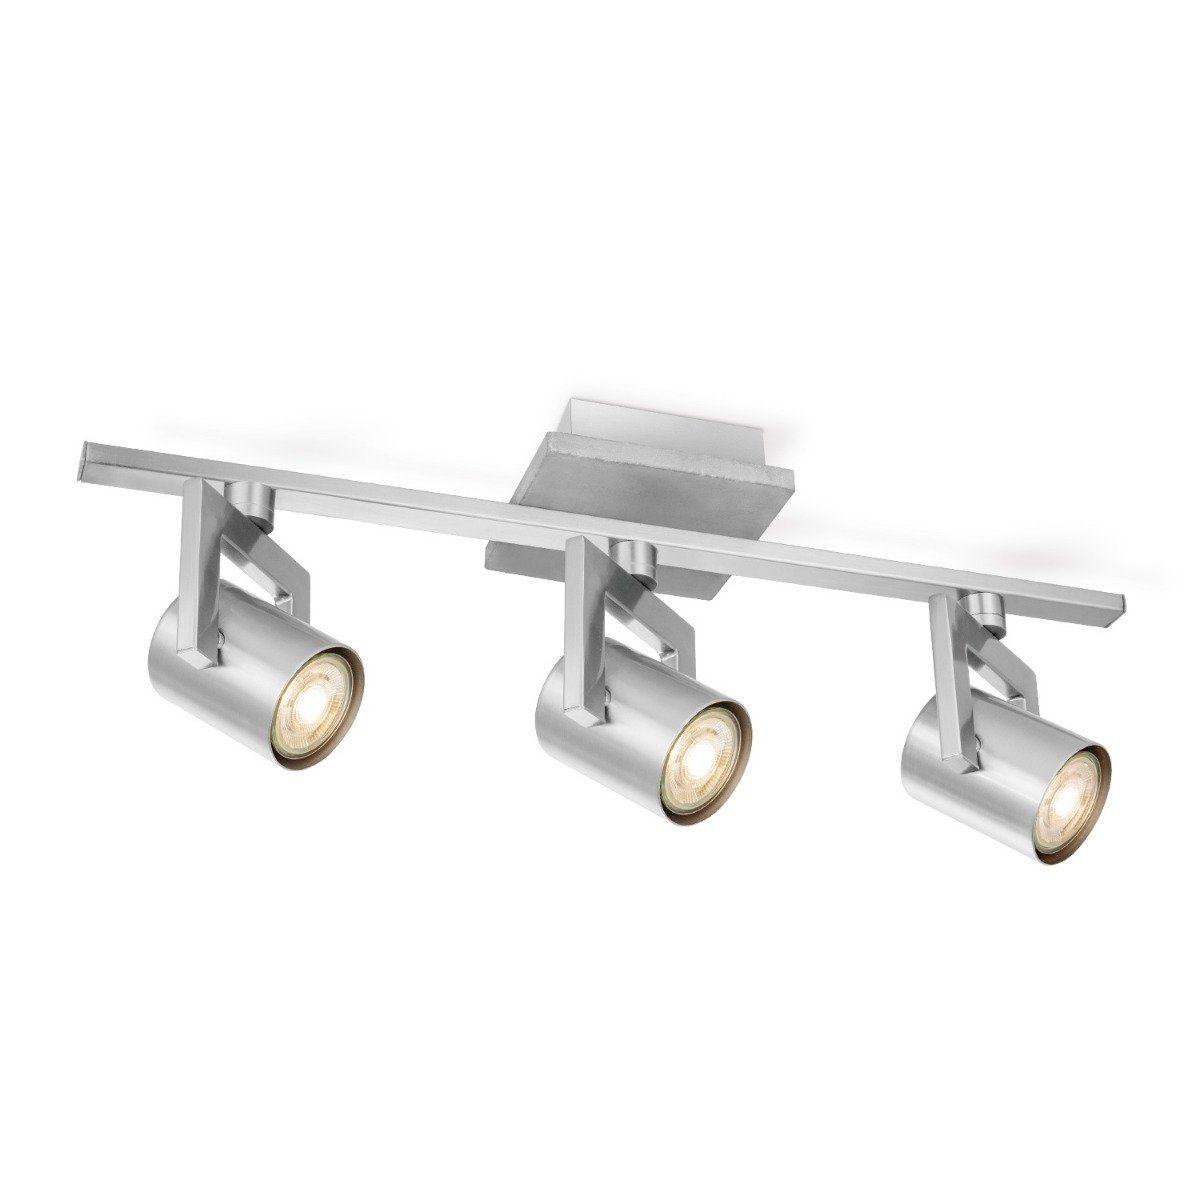 Home sweet home LED opbouwspot Concrete 3 lichts ↔ 49 cm - grijs